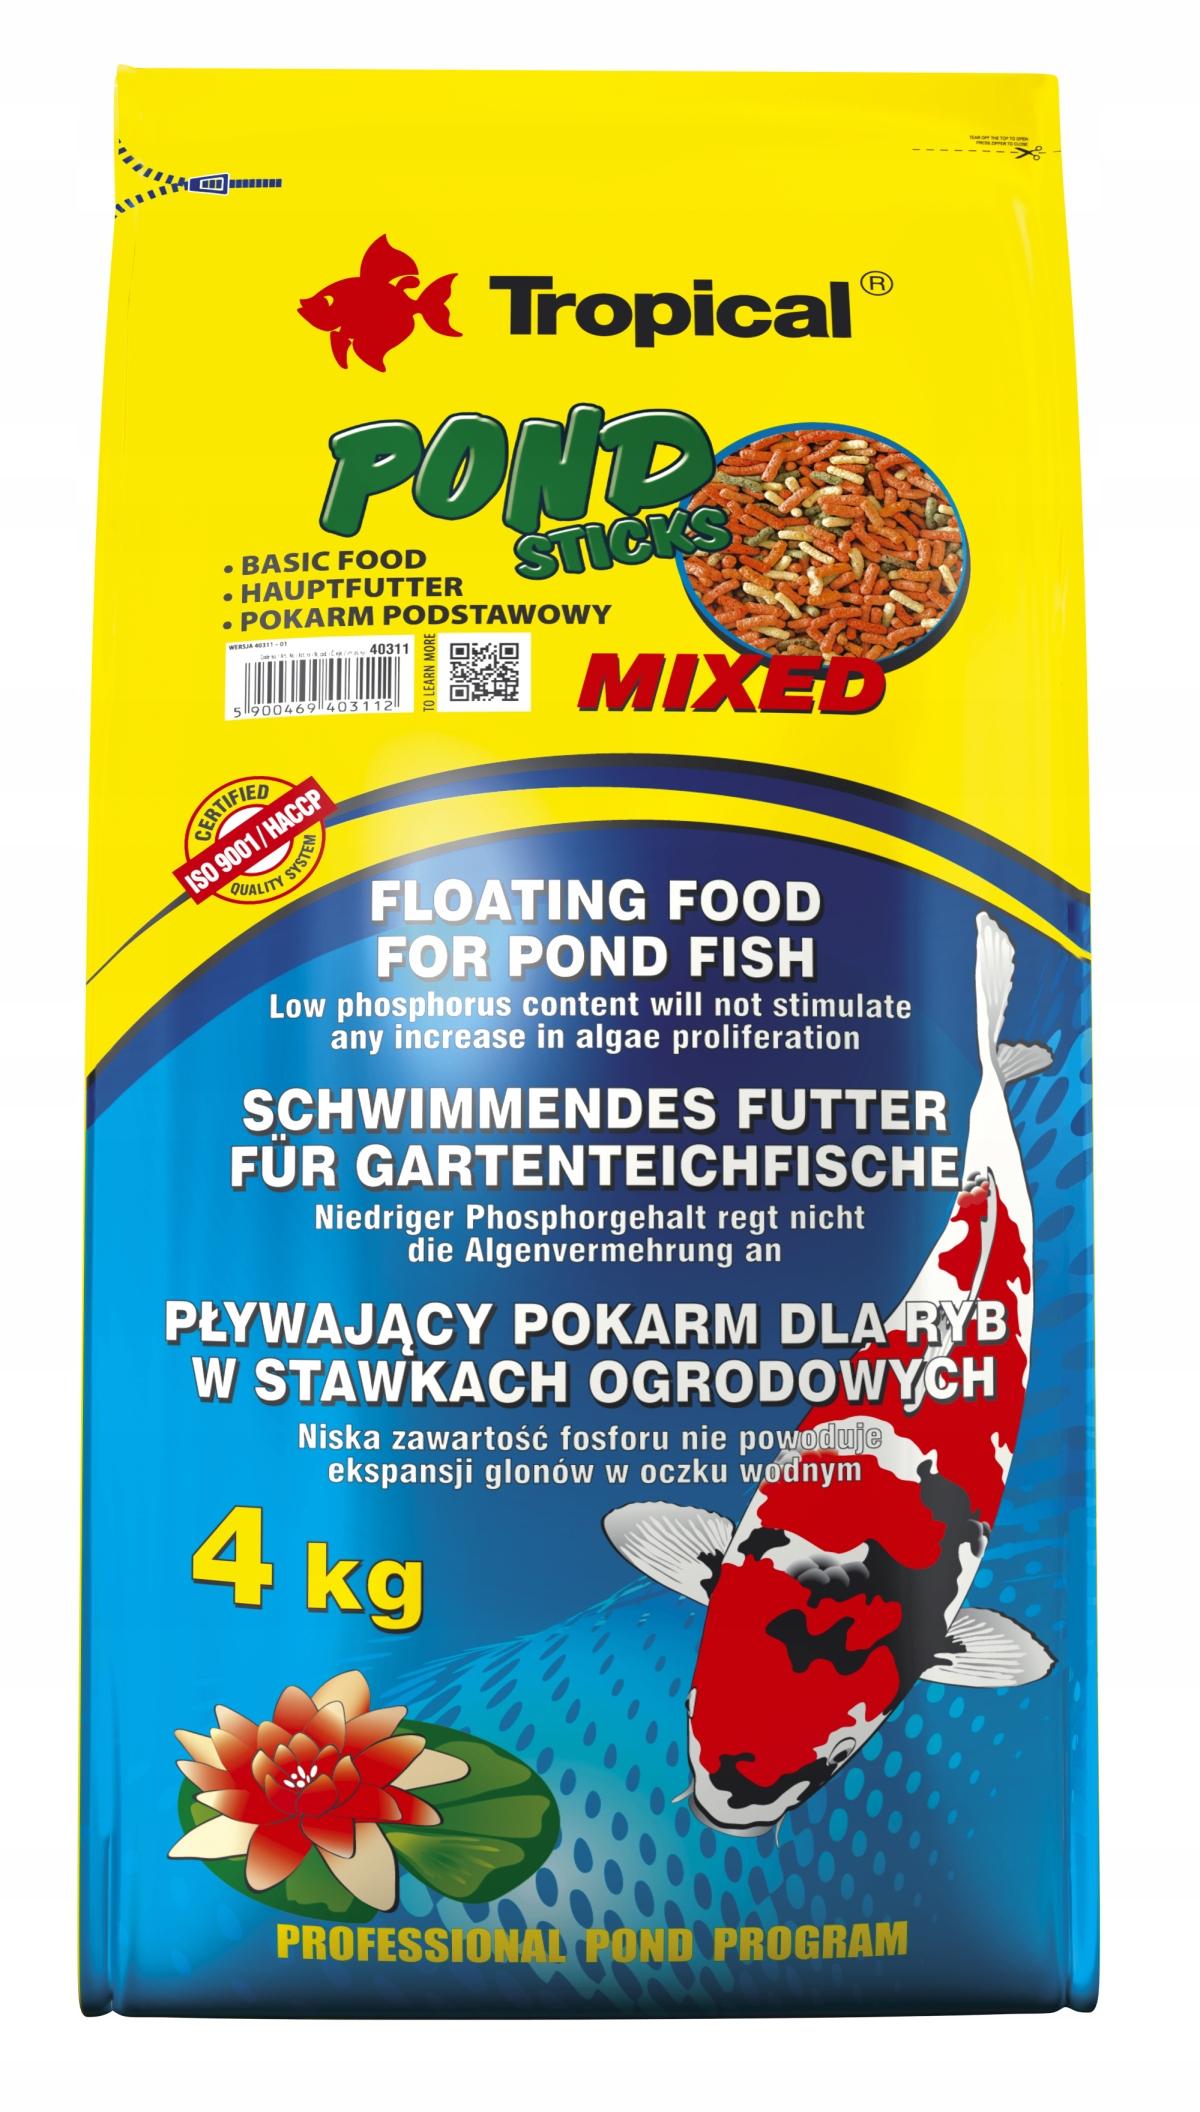 Tropical Pond Sticks Mixed 50l Pokarm Dla Ryb Koi